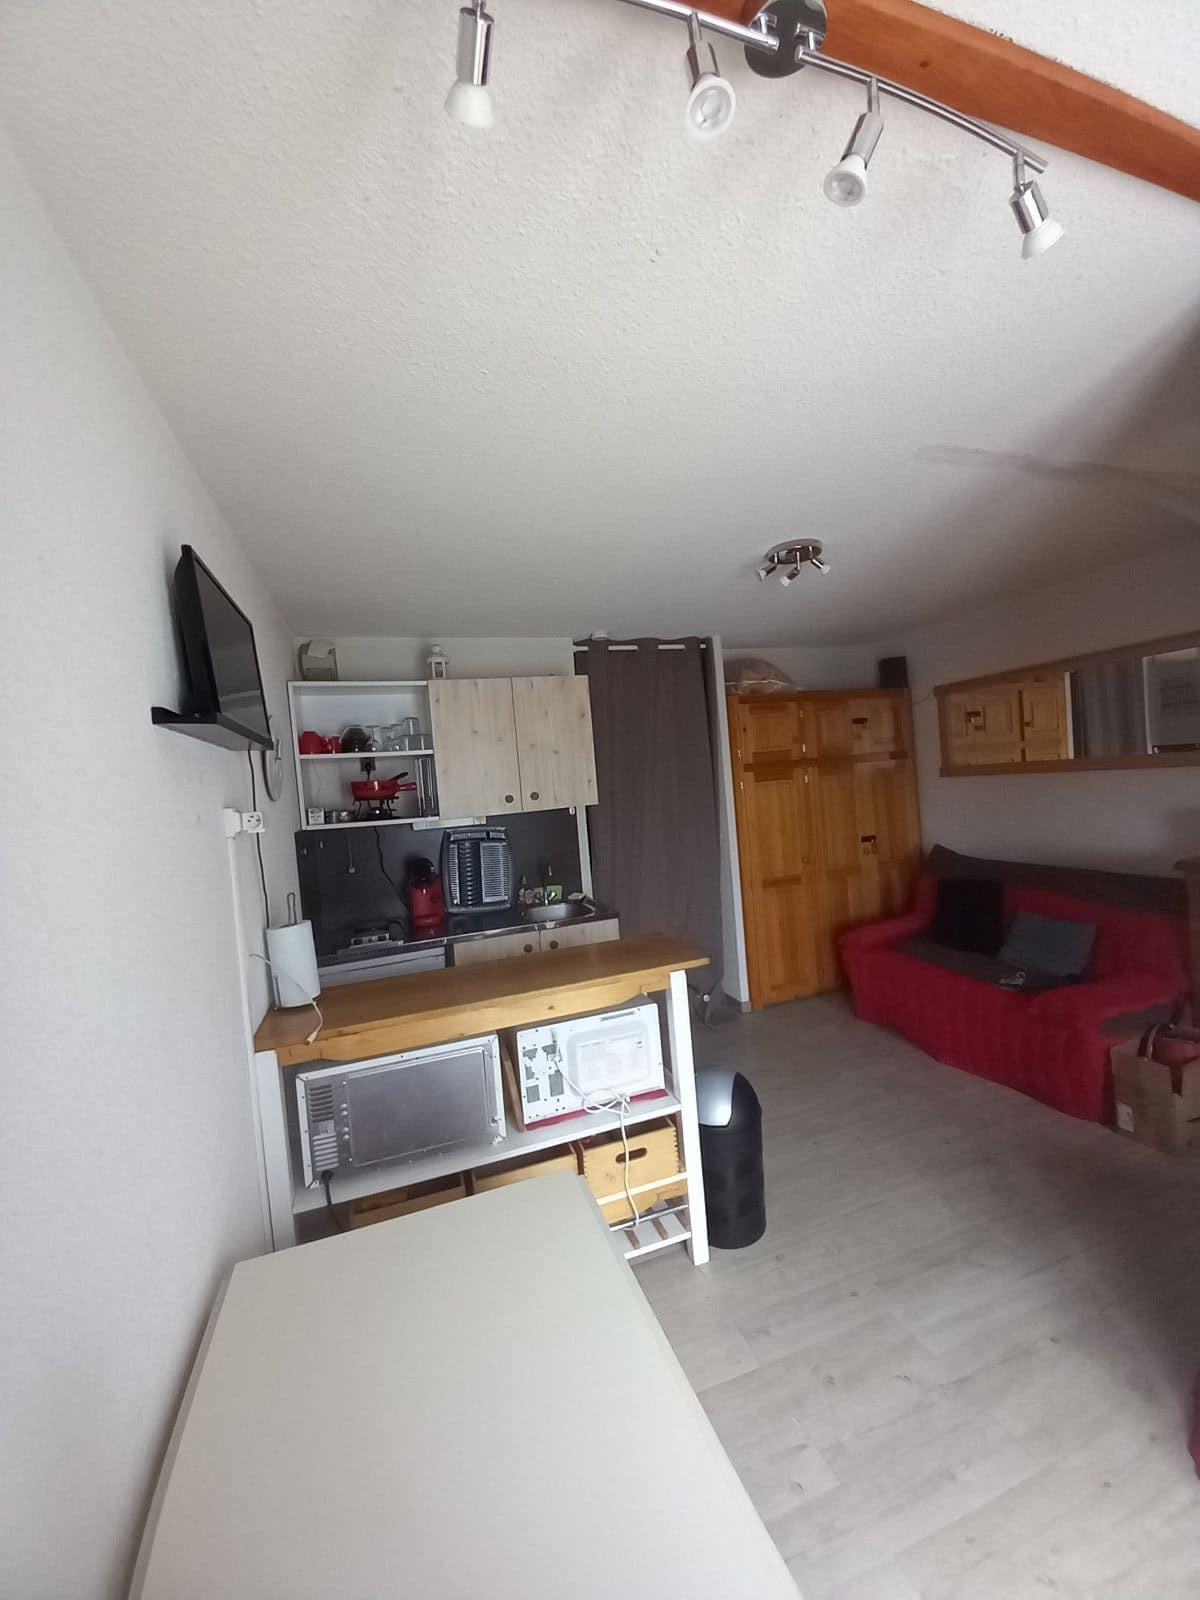 20210721 145707 - SAINT-LEGER-LES-MELEZES STUDIO DE 30 m² (6 COUCHAGES) AVEC BALCON